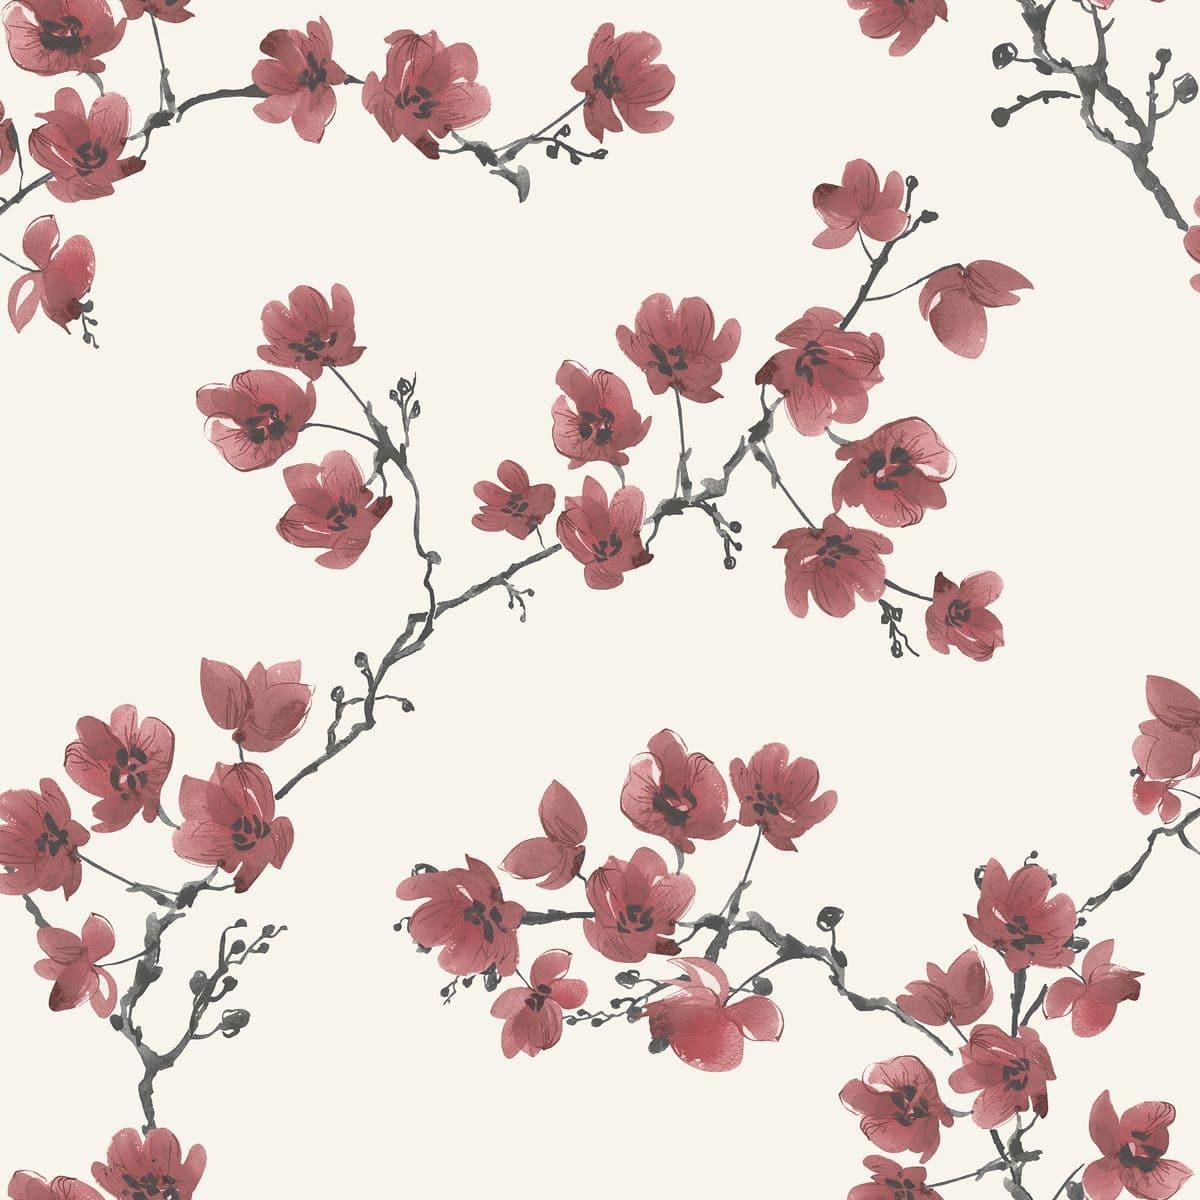 Pagoda-wallpaper-blossom-MH00432